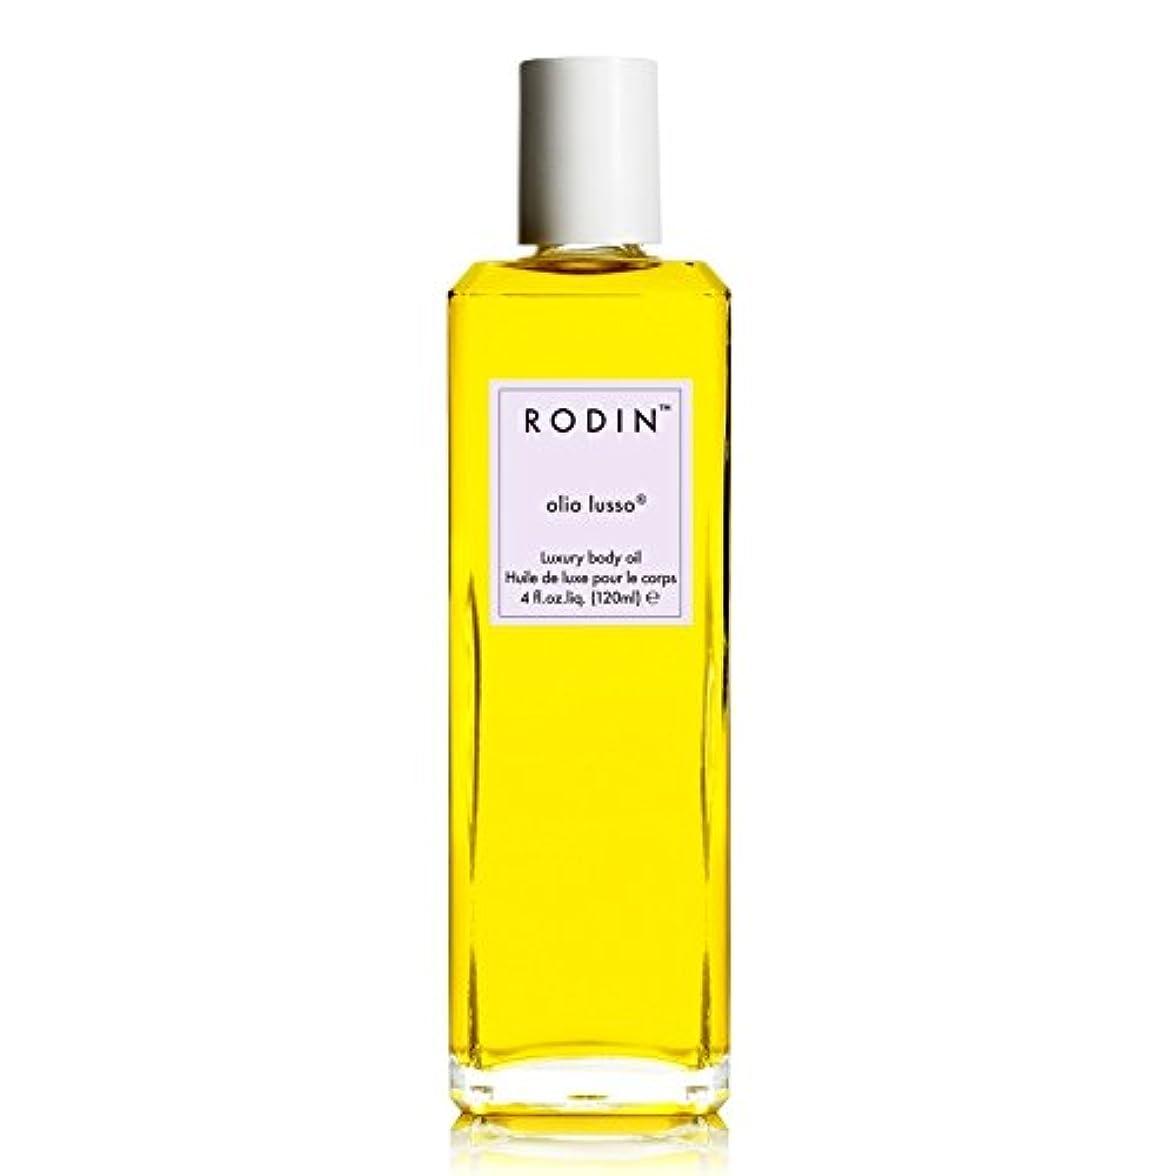 スコットランド人デモンストレーション全滅させるロダンルッソラベンダー絶対贅沢なボディオイル30ミリリットル x4 - RODIN olio lusso Lavender Absolute Luxury Body Oil 30ml (Pack of 4) [並行輸入品]